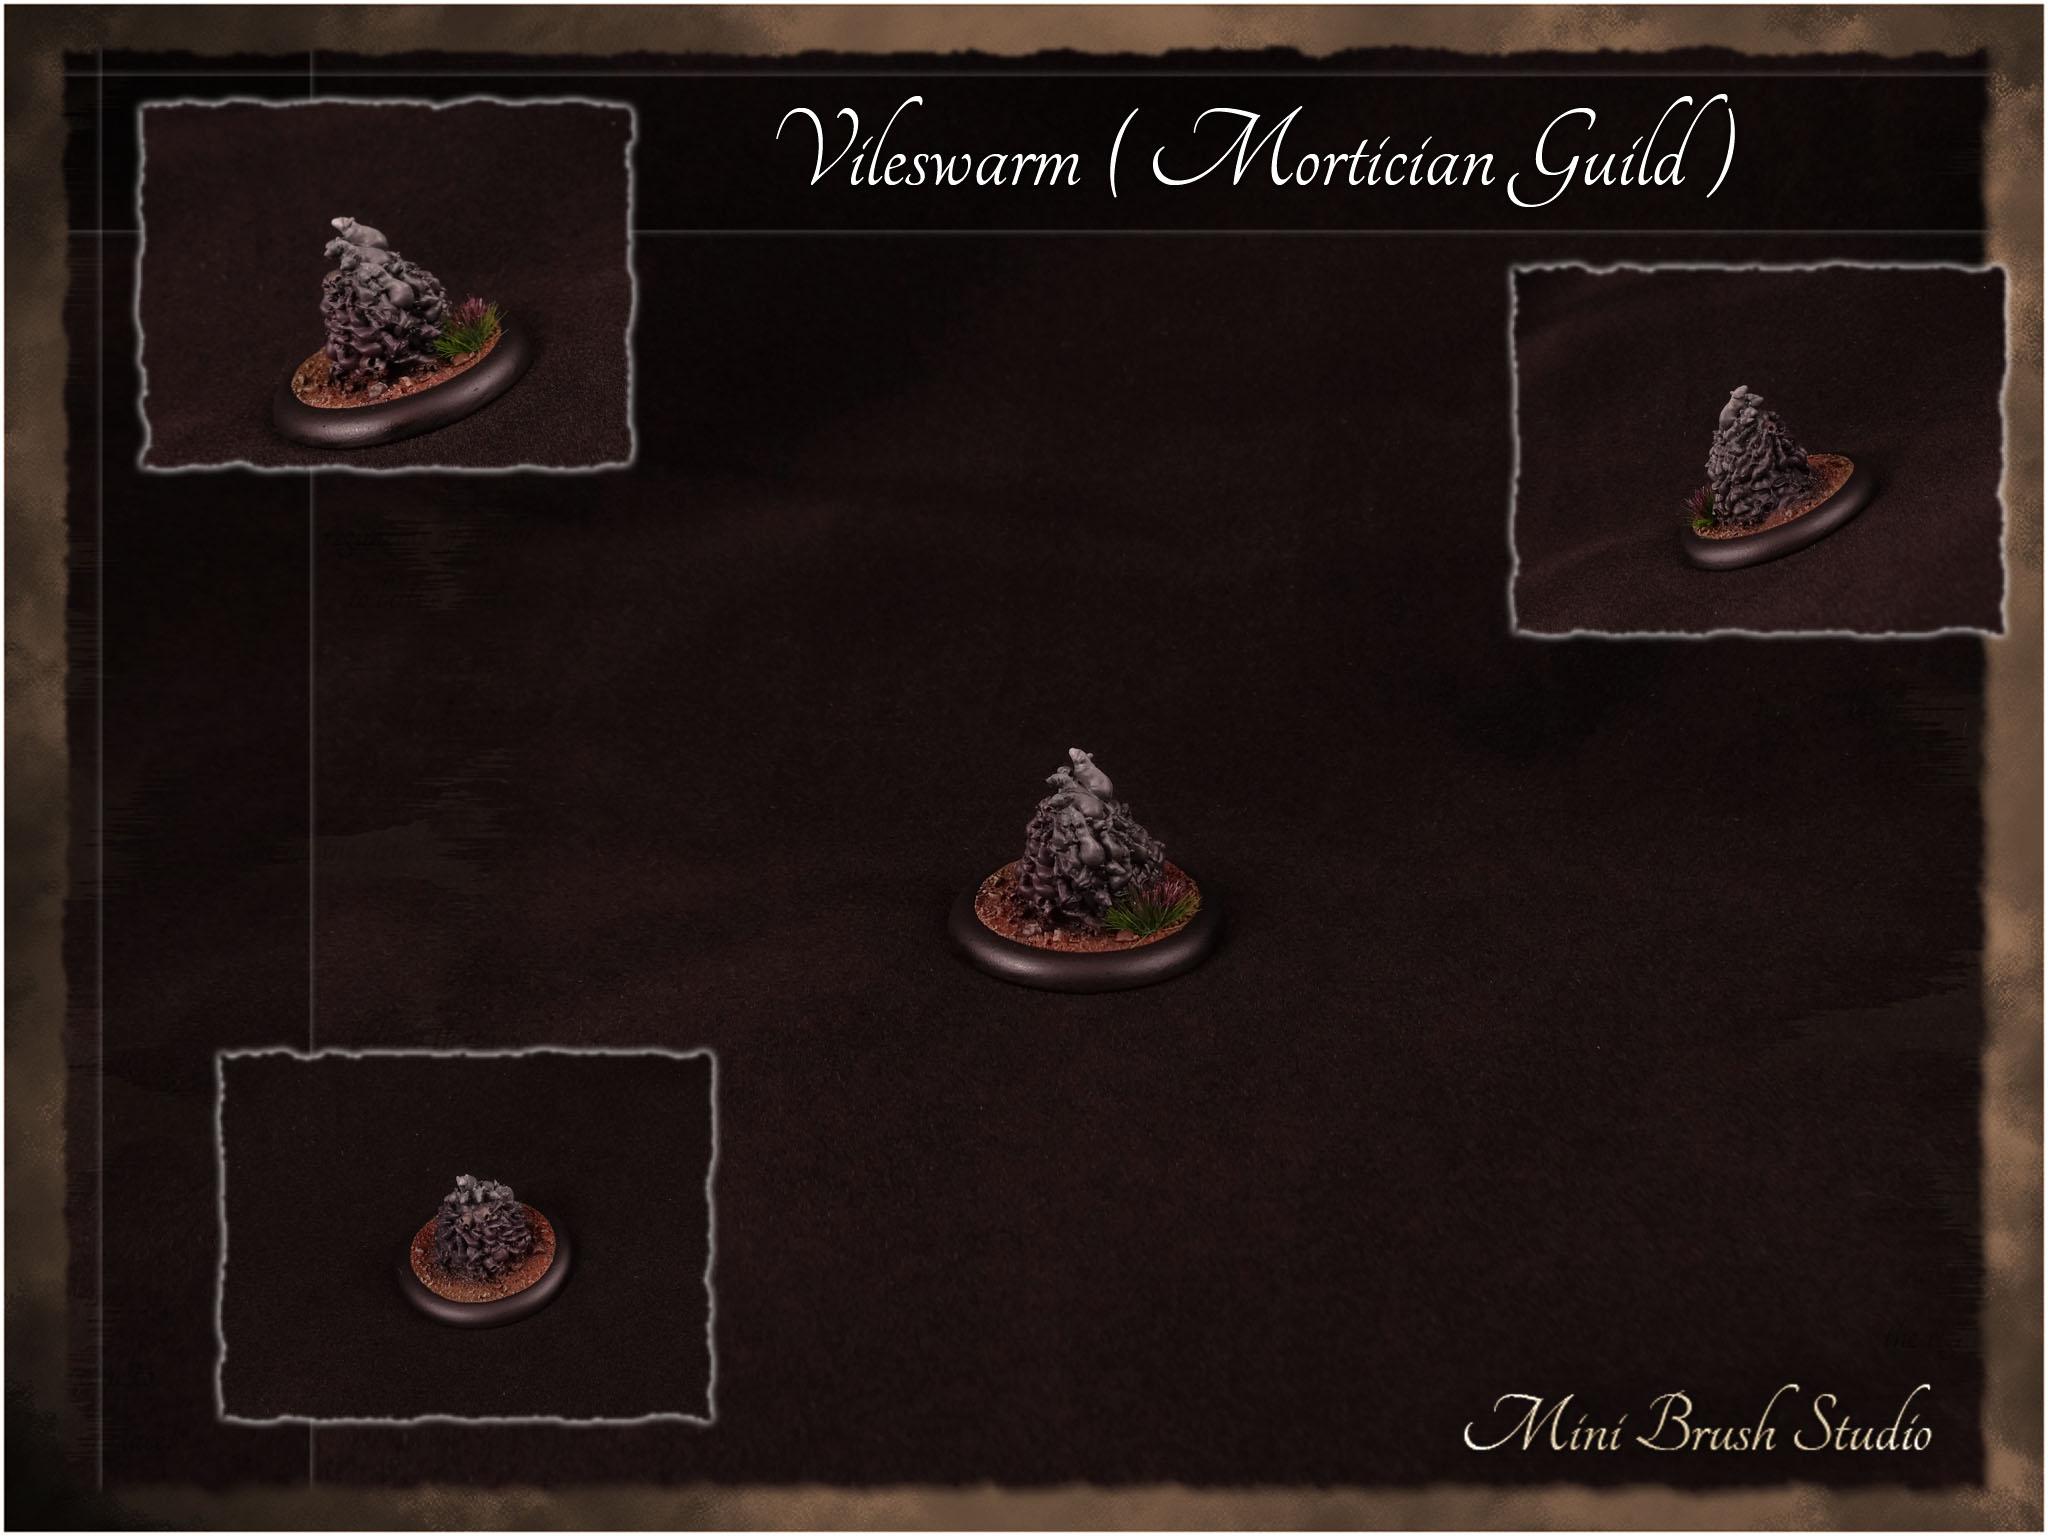 Vileswarm ( Mortician Guild ) 1 v7.jpg